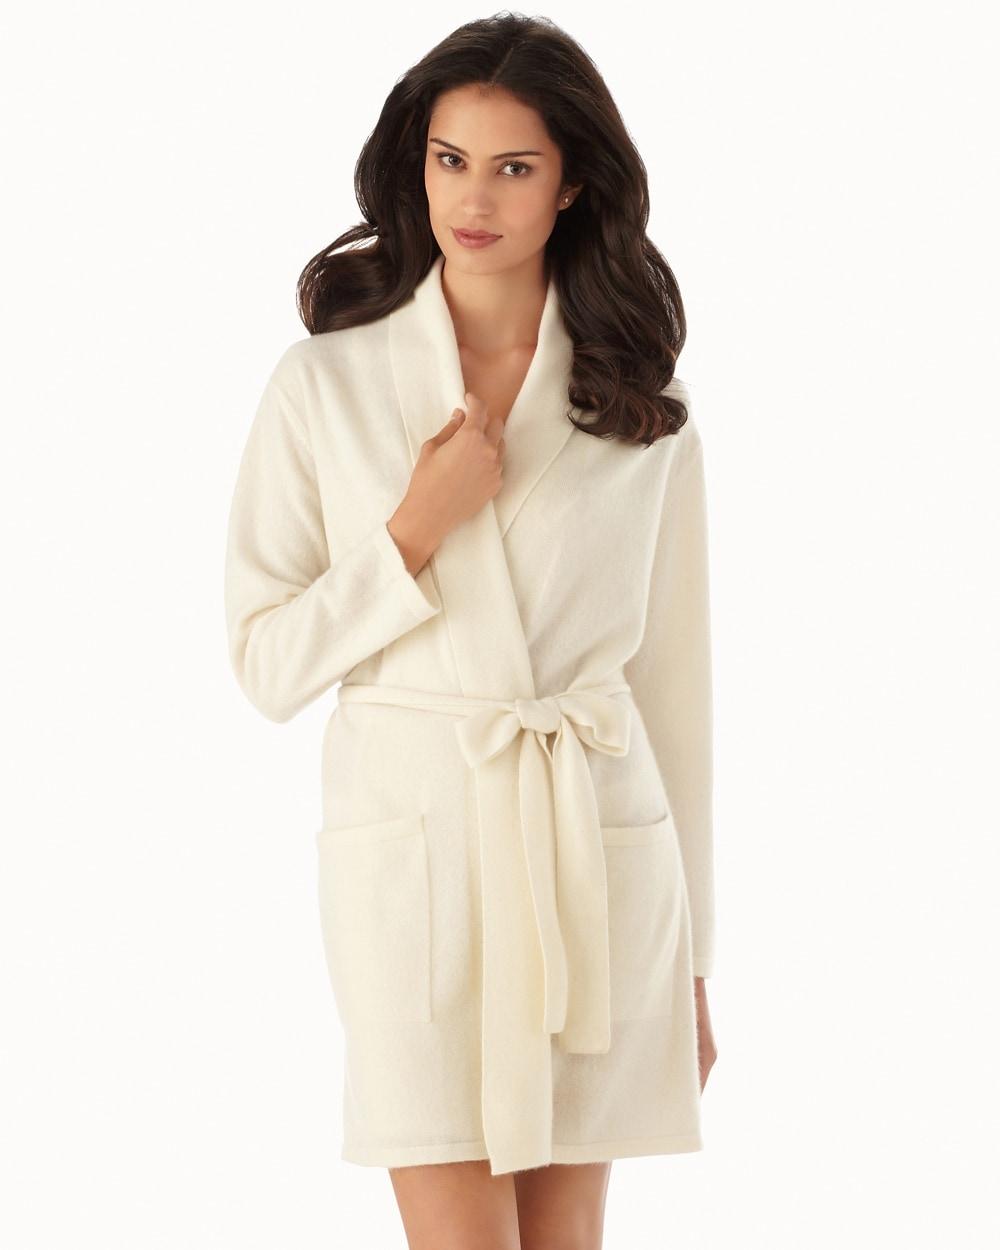 Robes de mari e plano tx peinture for Dallas de conservation de robe de mariage